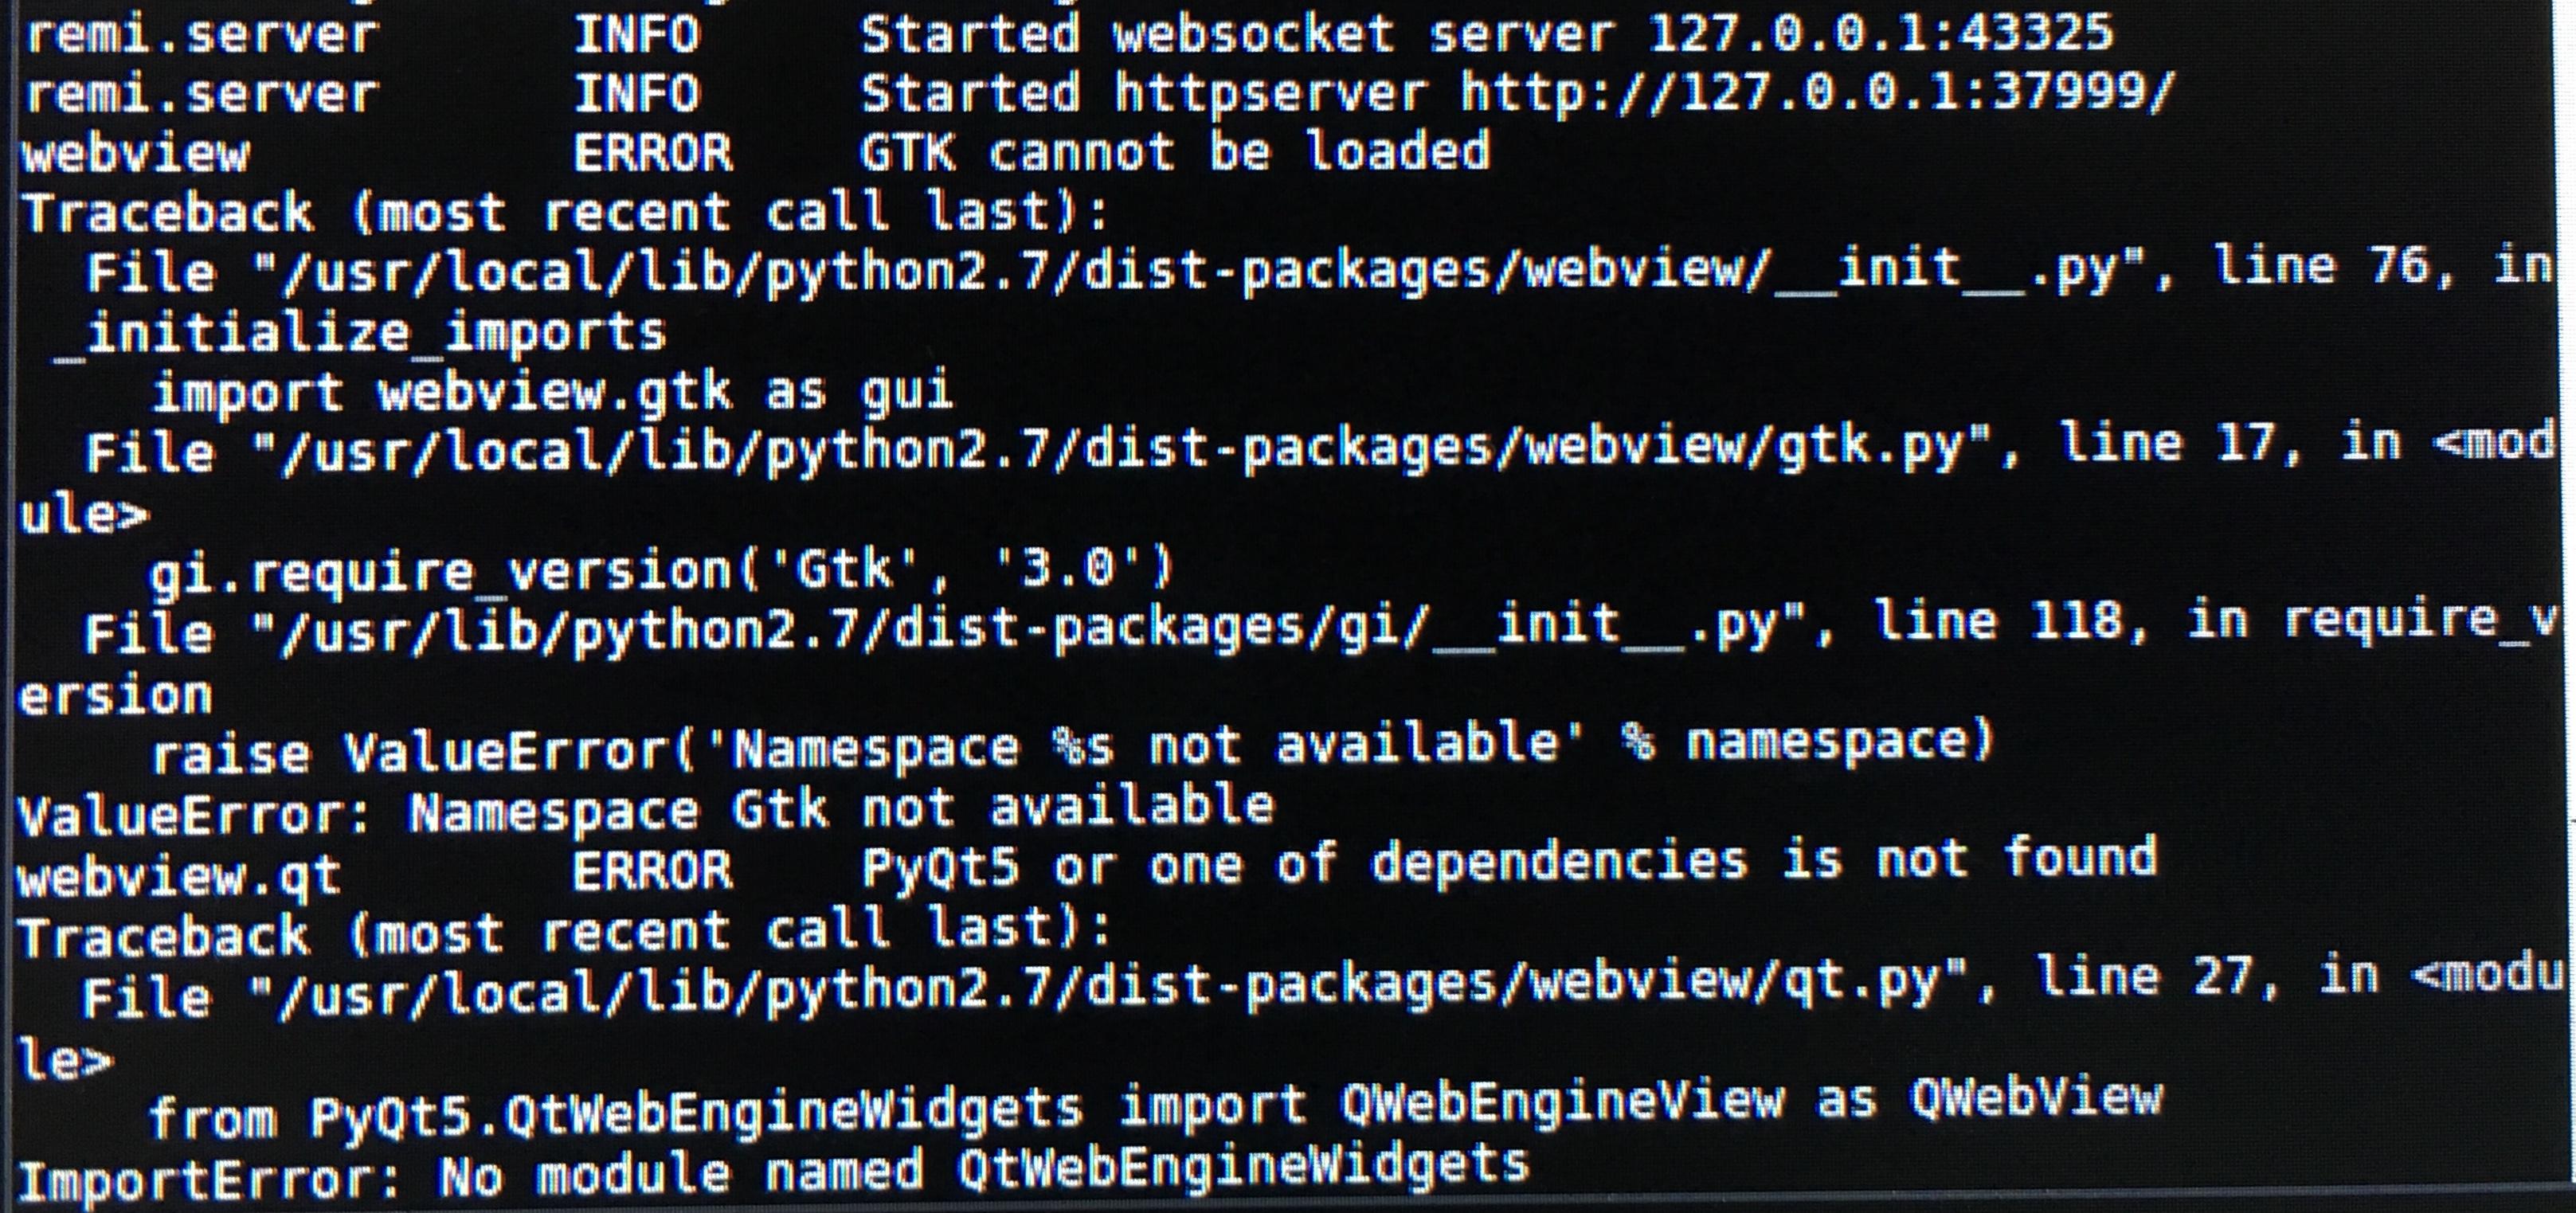 RuntimeError: the PyQt4 QtCore and PyQt5 QtCore modules both